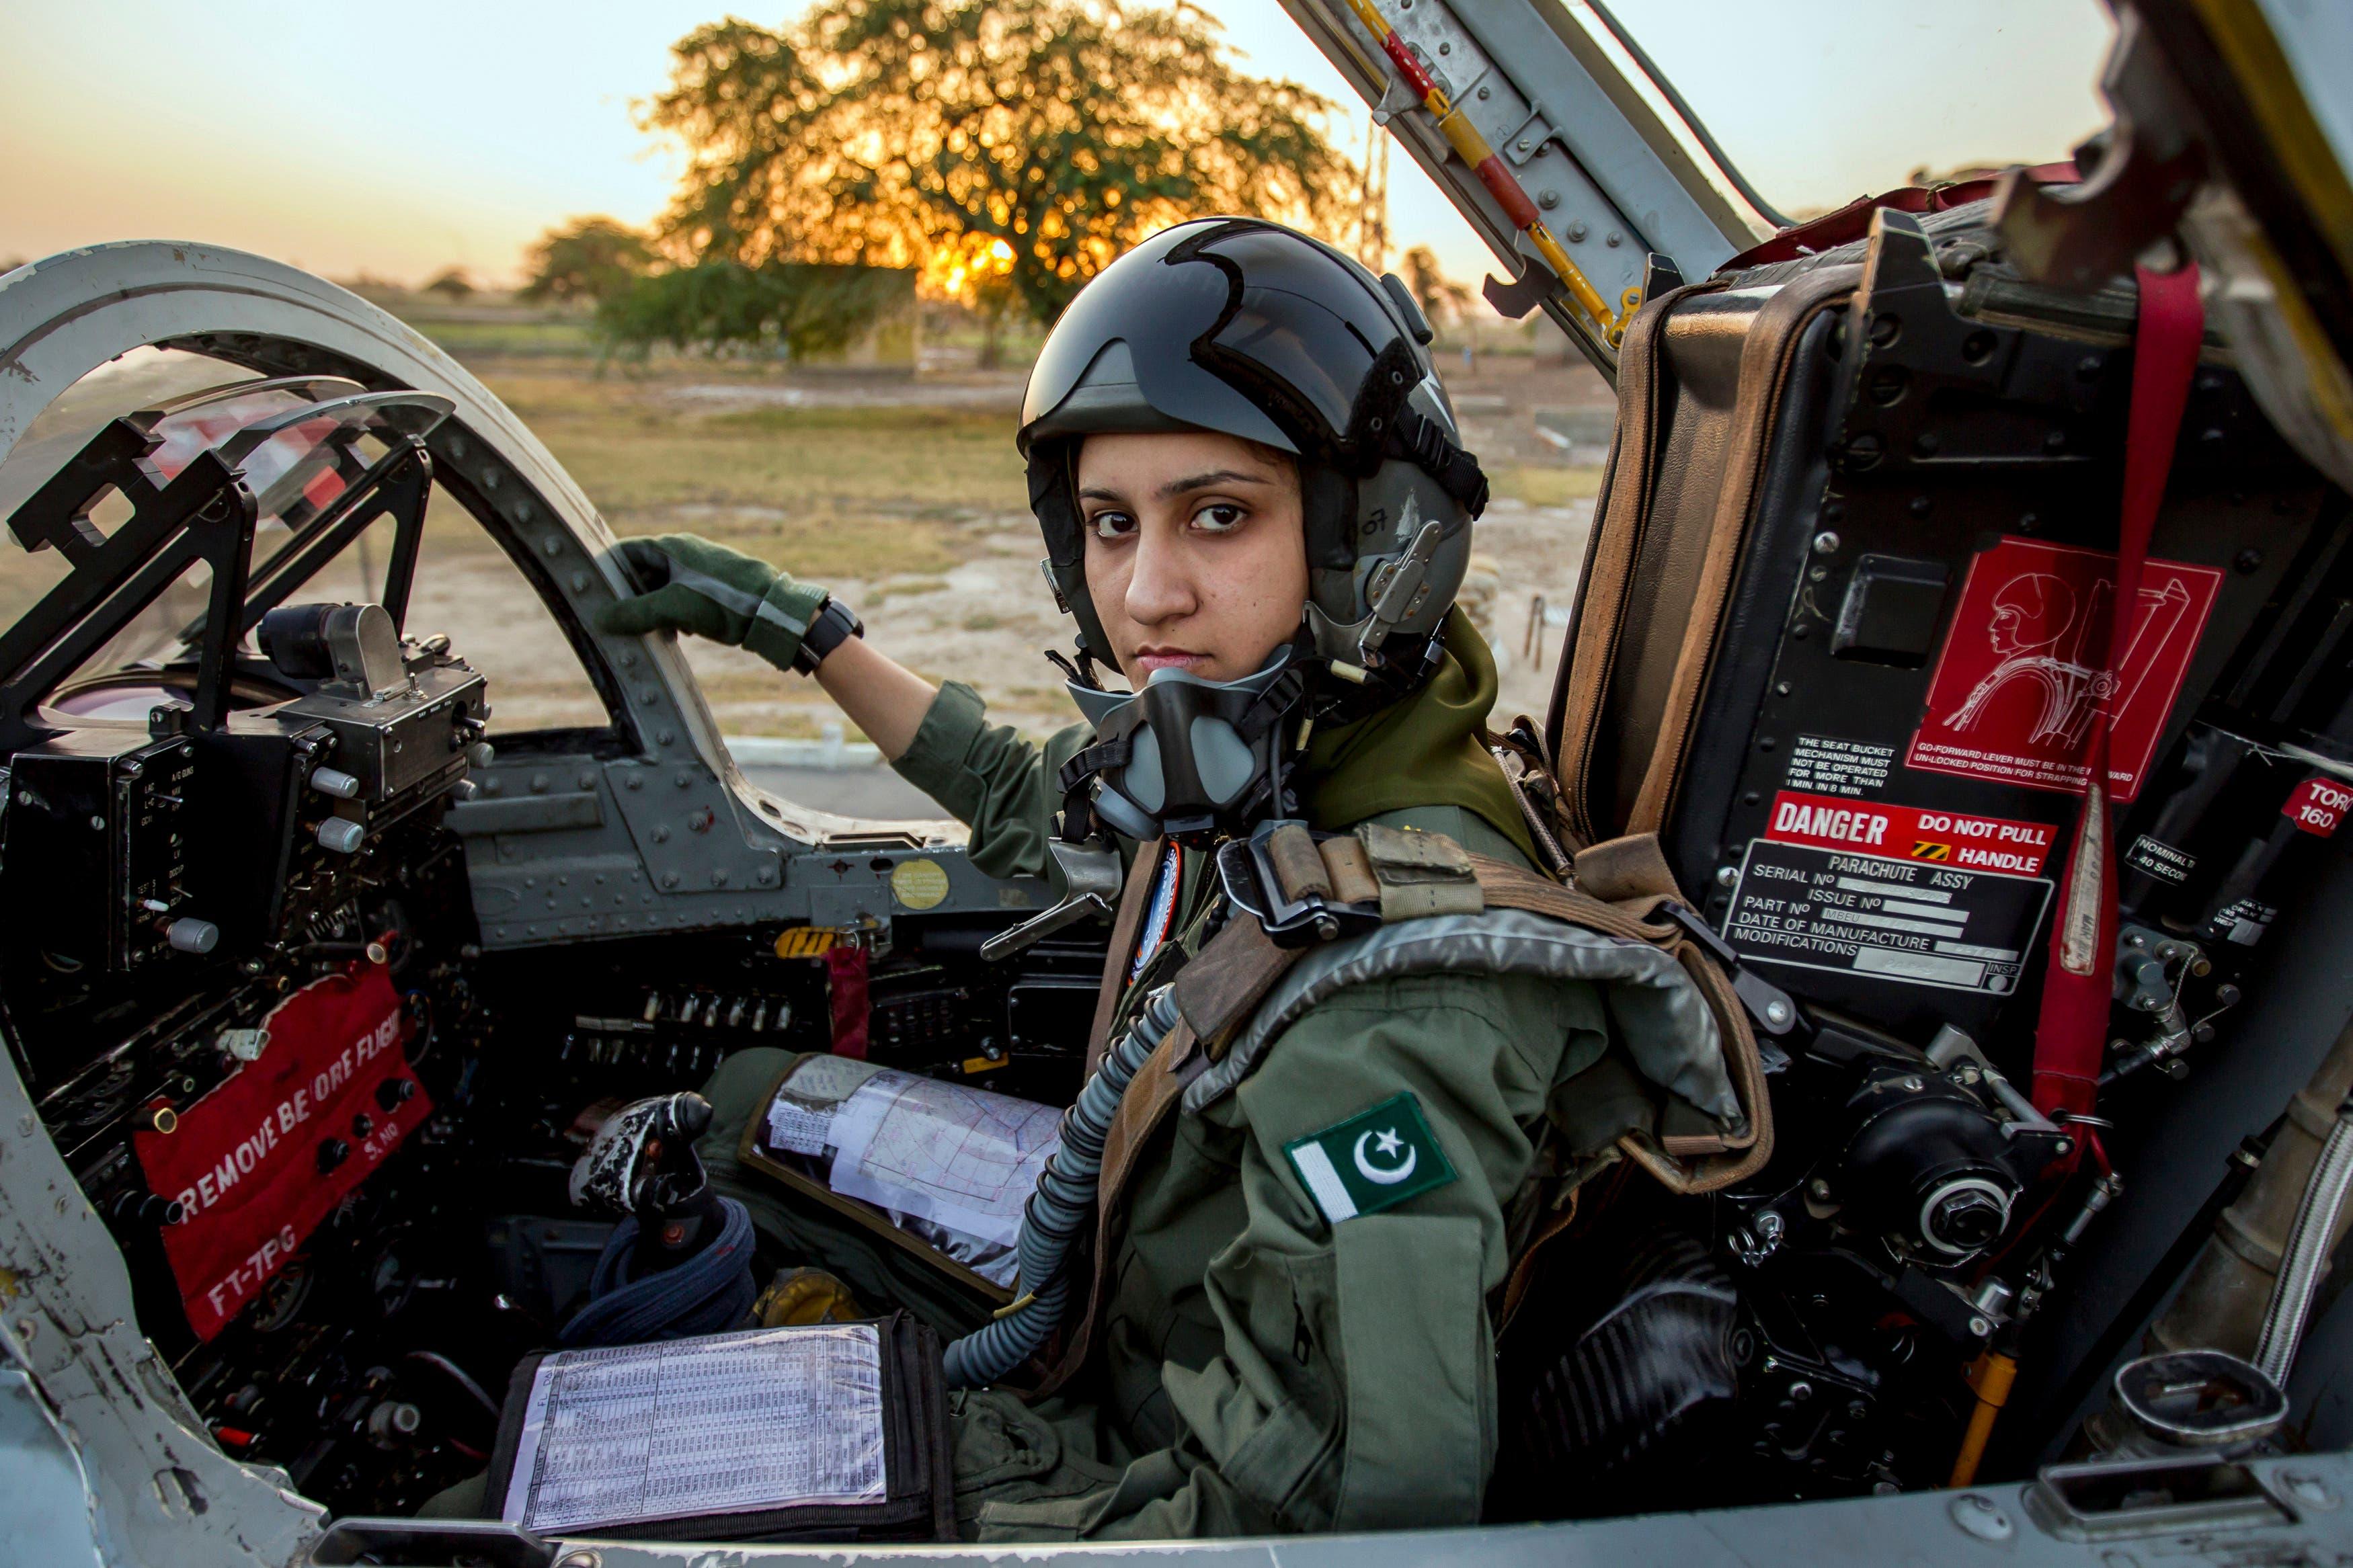 Ayesha Farooq